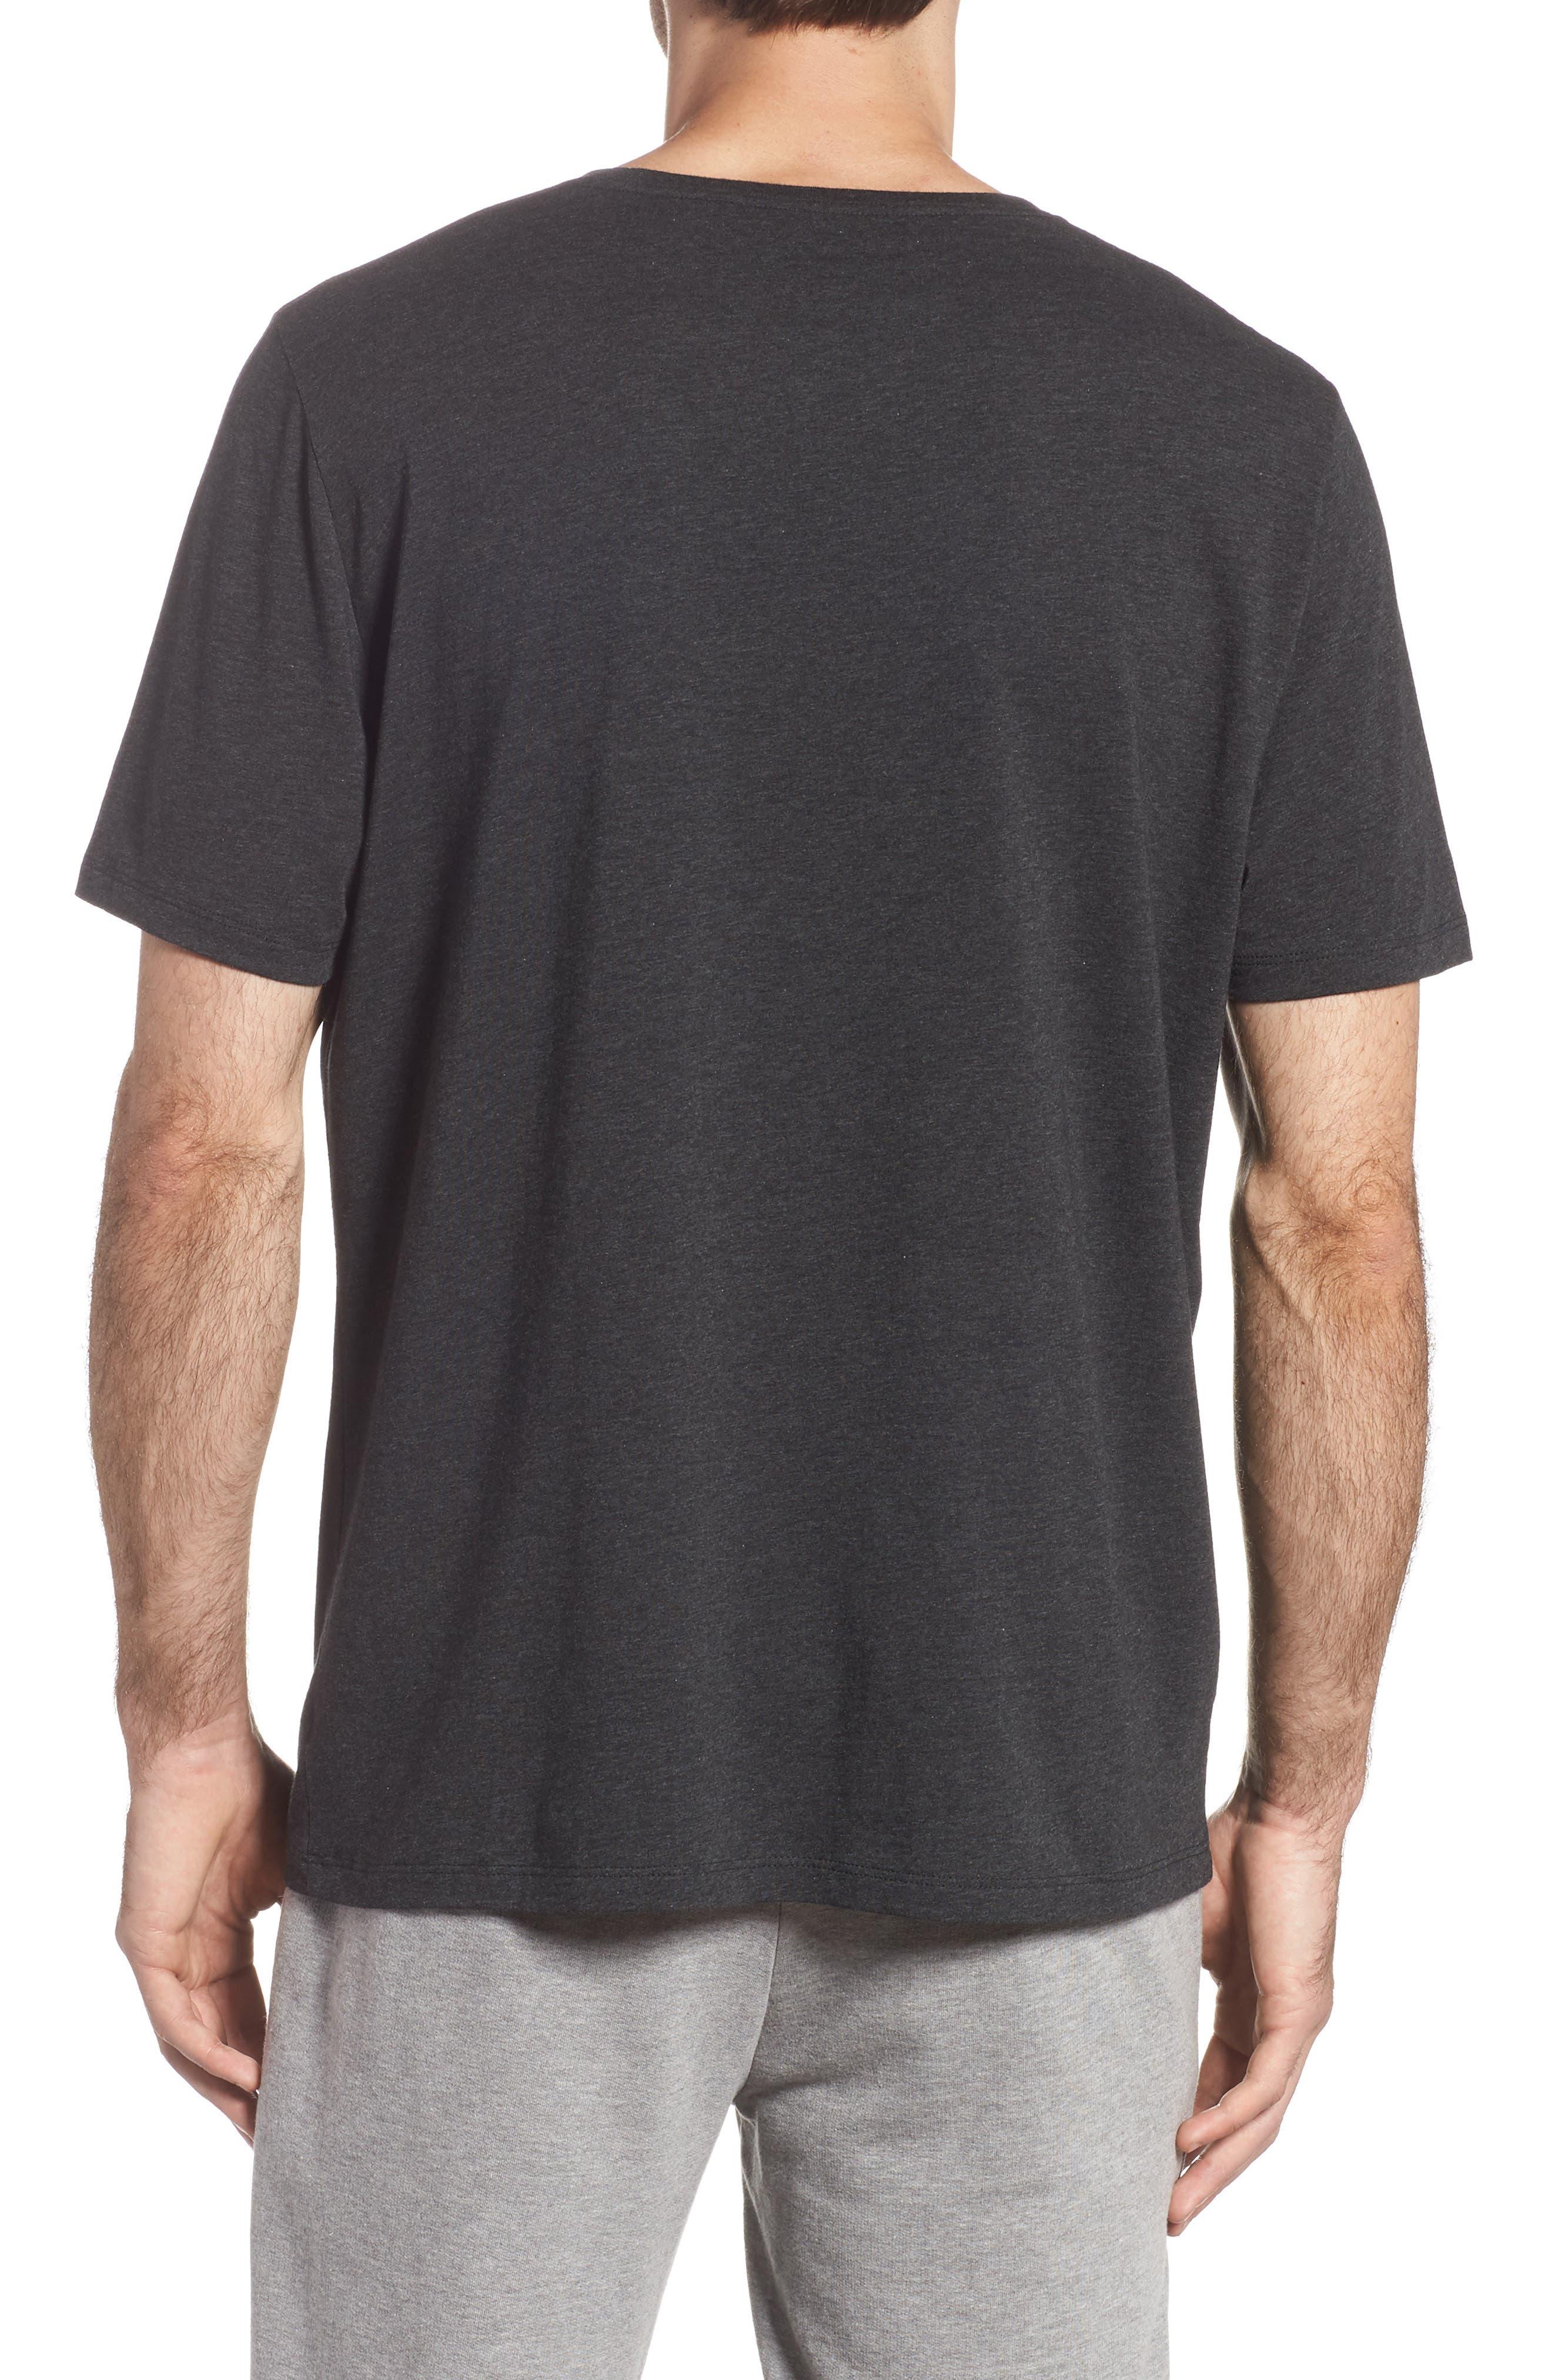 Cotton Blend Crewneck T-Shirt,                             Alternate thumbnail 2, color,                             HEATHER CHARCOAL